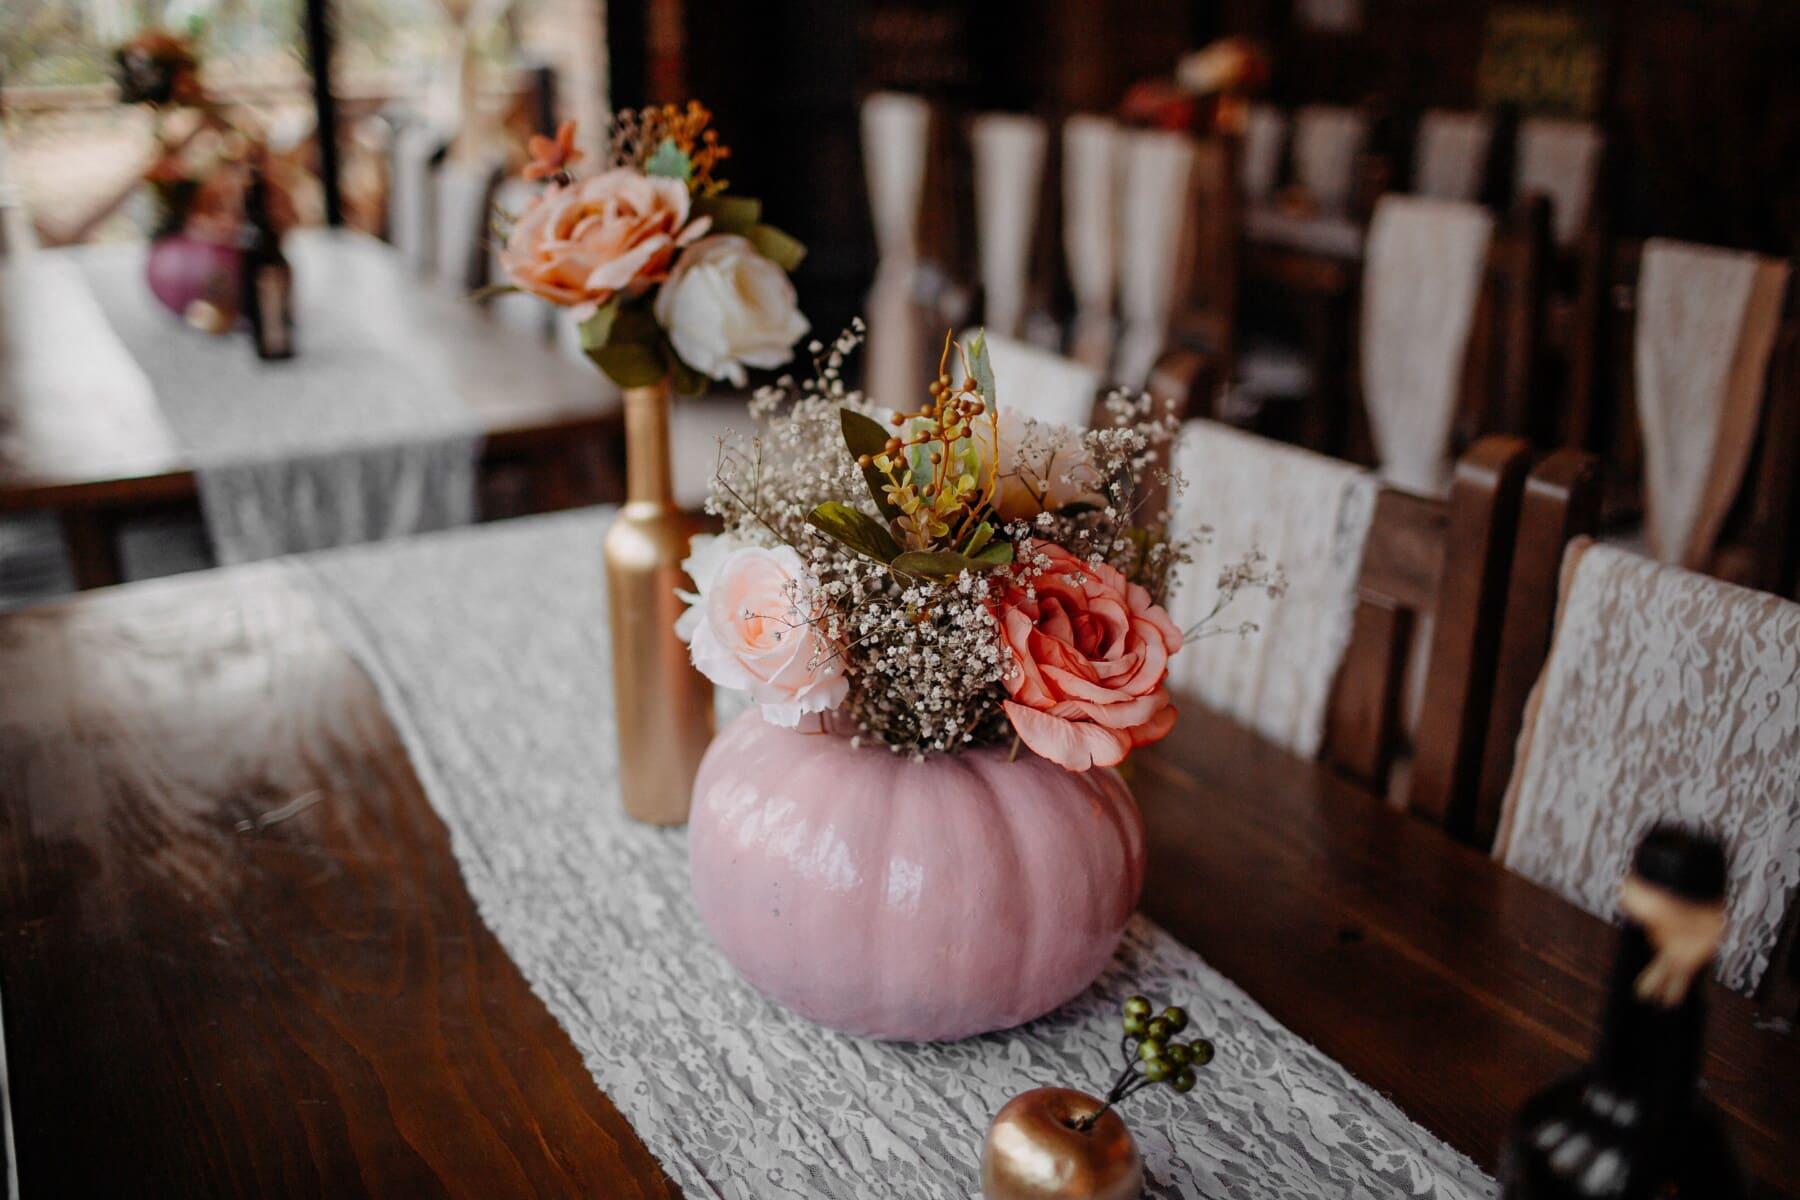 Cafeteria, Schüssel, Vase, Innendekoration, Stühle, Tabelle, Tischdecke, Interieur-design, Holz, Still-Leben